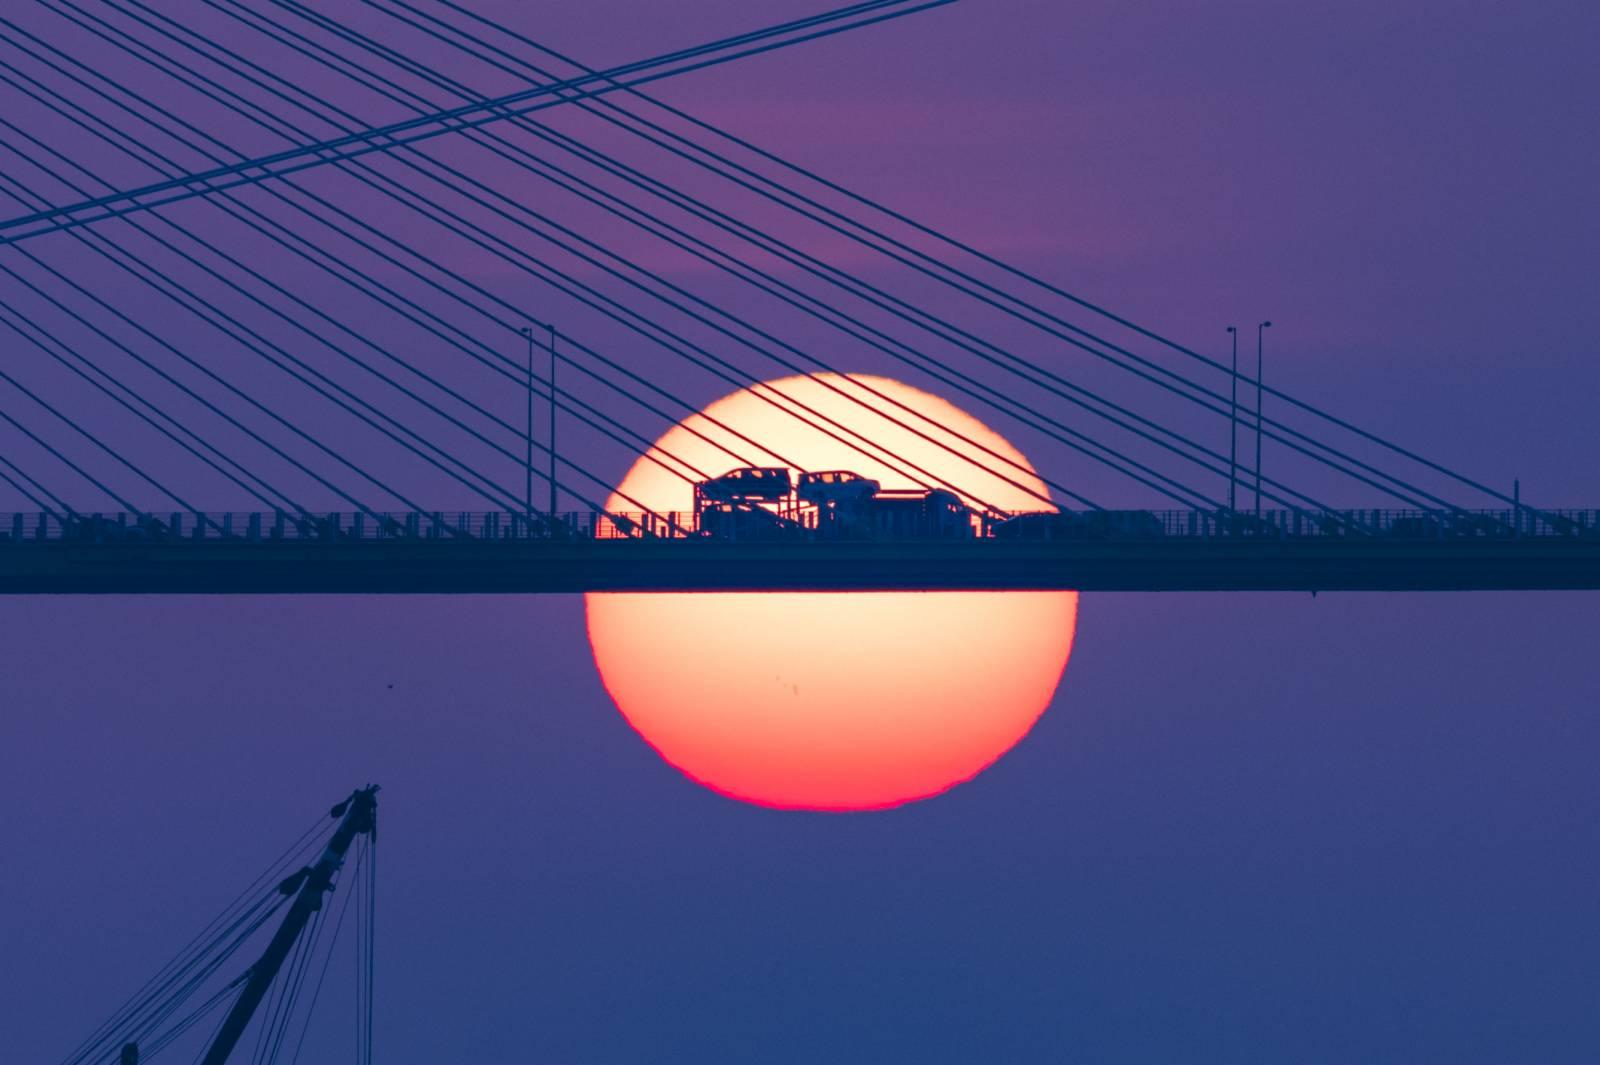 10月26日傍晚,數百名攝影愛好者抓住今年最後的機會,在香港荃灣海濱公園拍攝汀九橋日落。